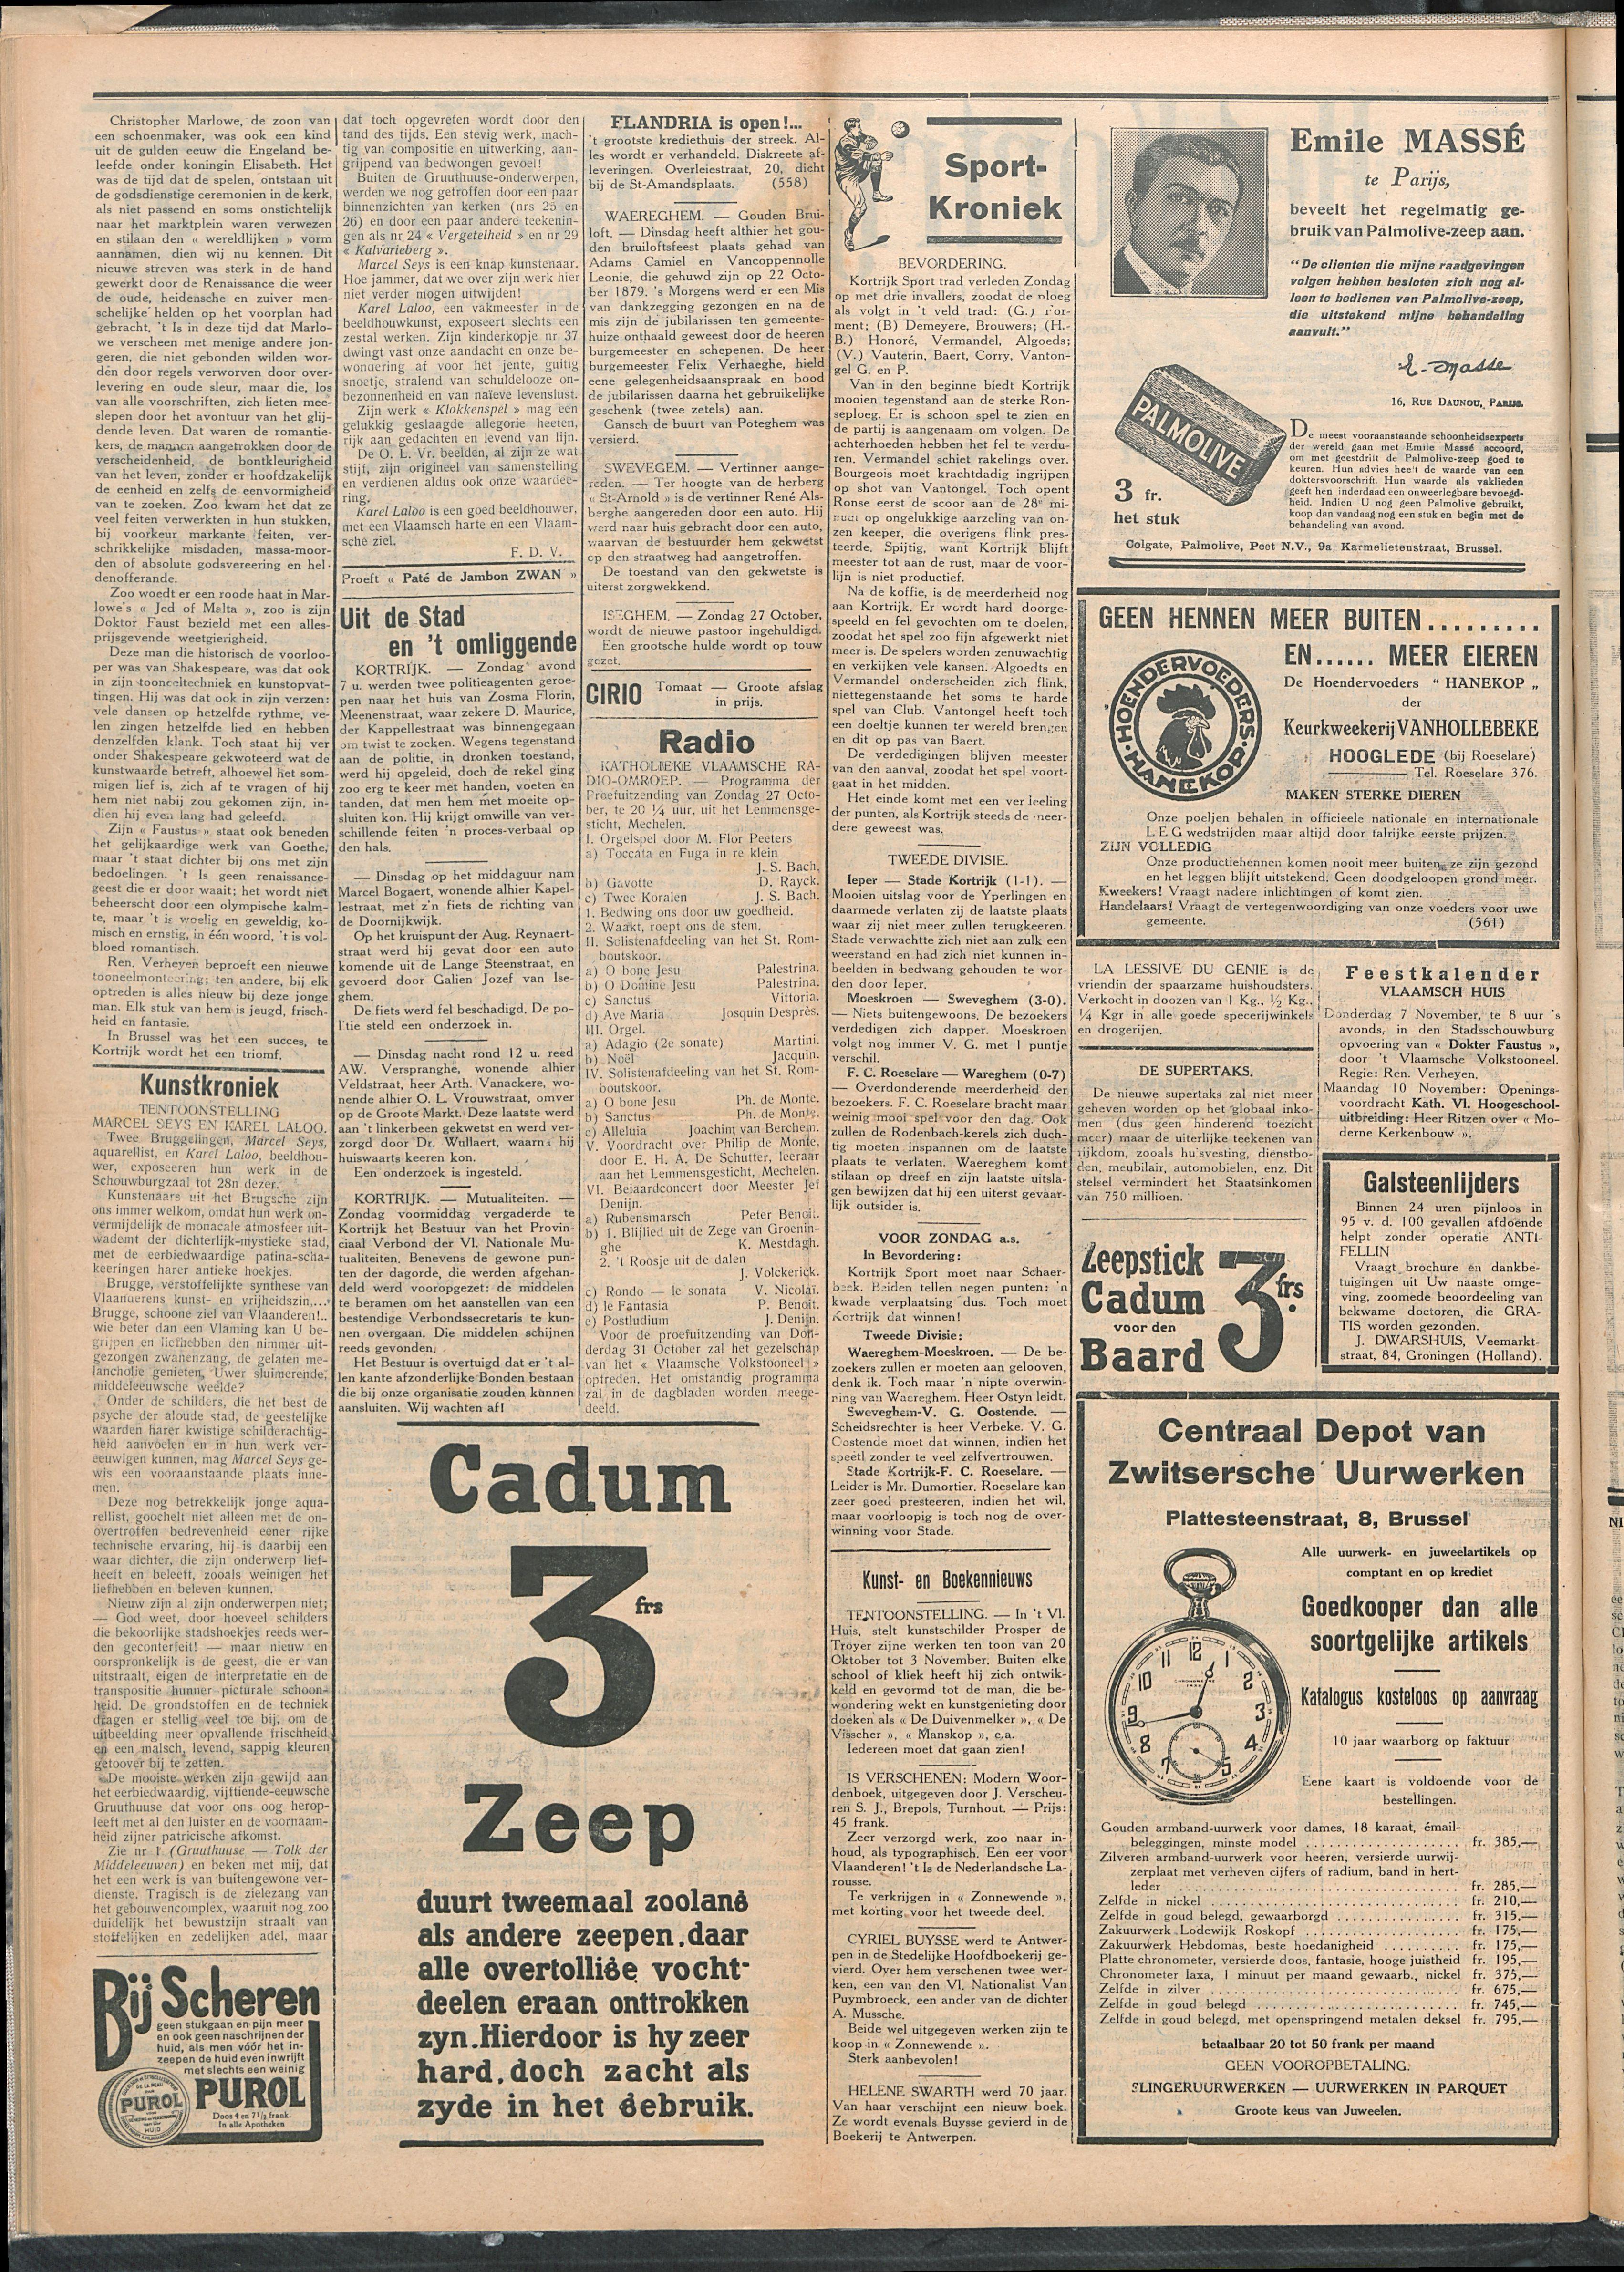 Het Kortrijksche Volk 1929-10-27 p2